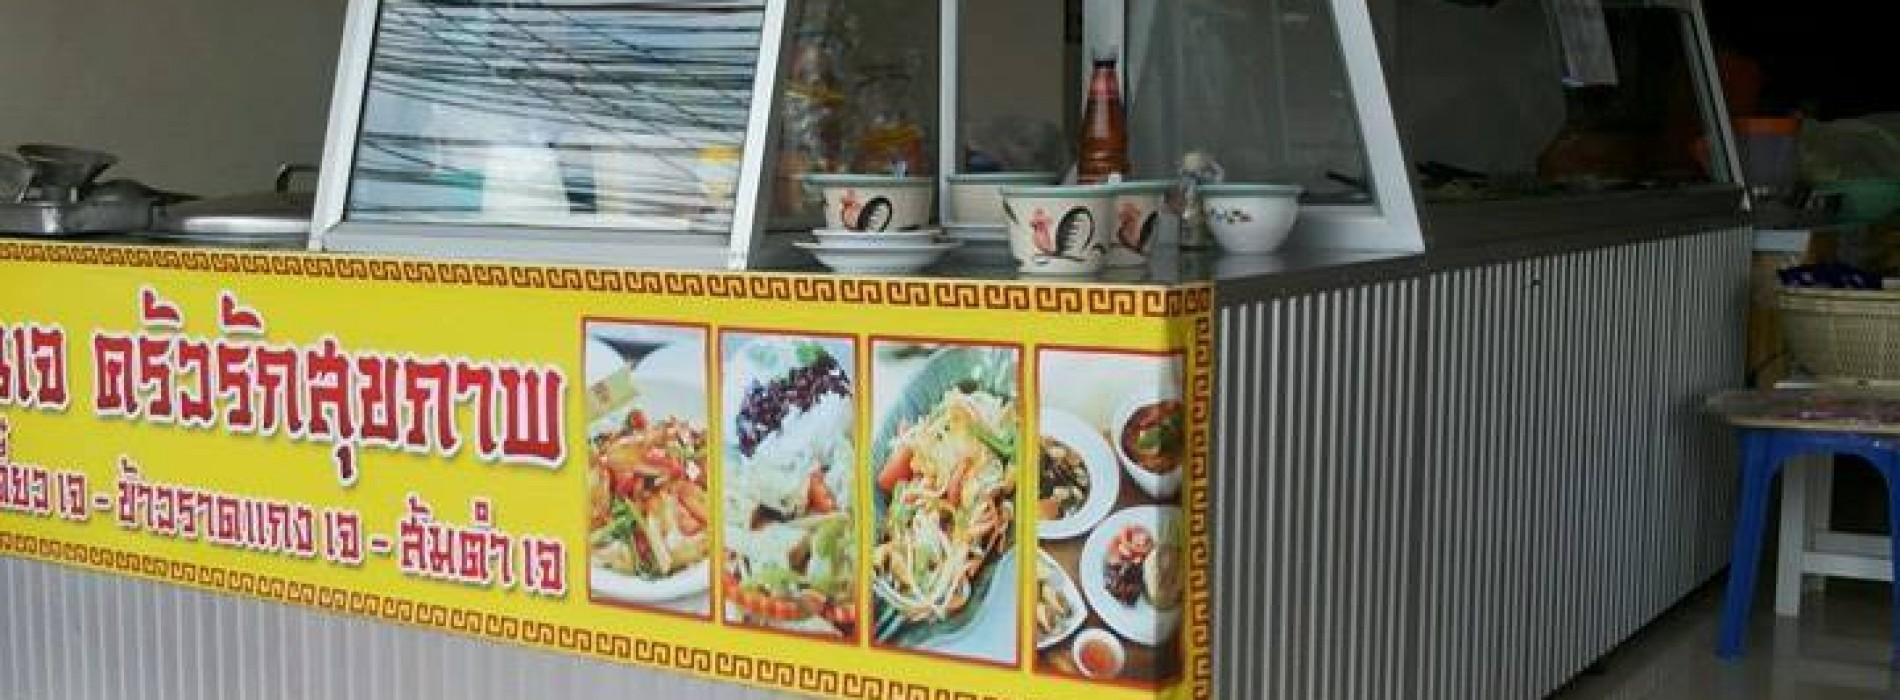 ร้านอาหารเจ ร้านครัวสุขภาพ(คุณจิ๋ว) ร้านอาหารเจ จังหวัดมหาสารคาม